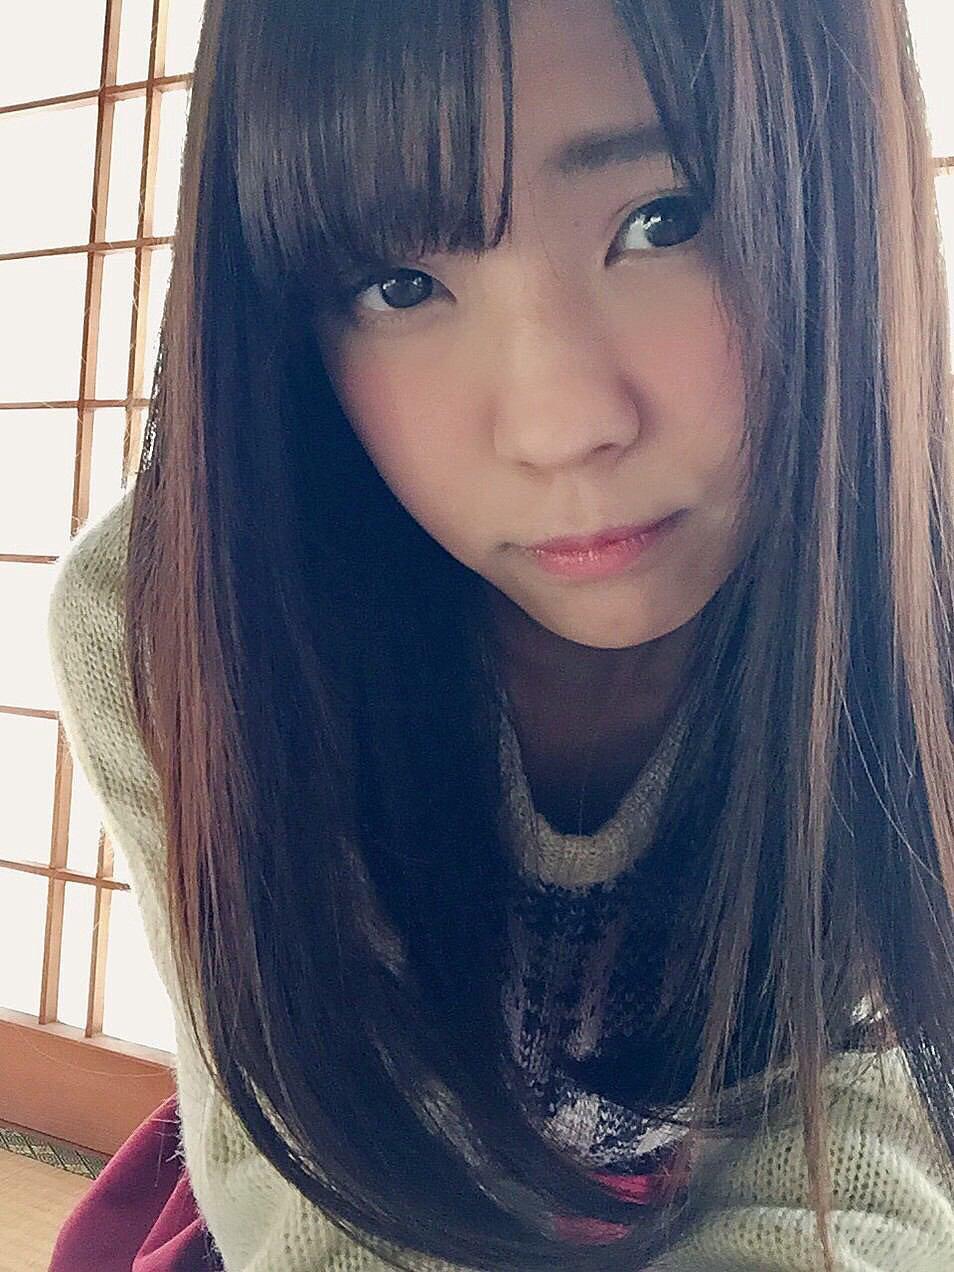 小林由依 (アイドル)の画像 p1_34